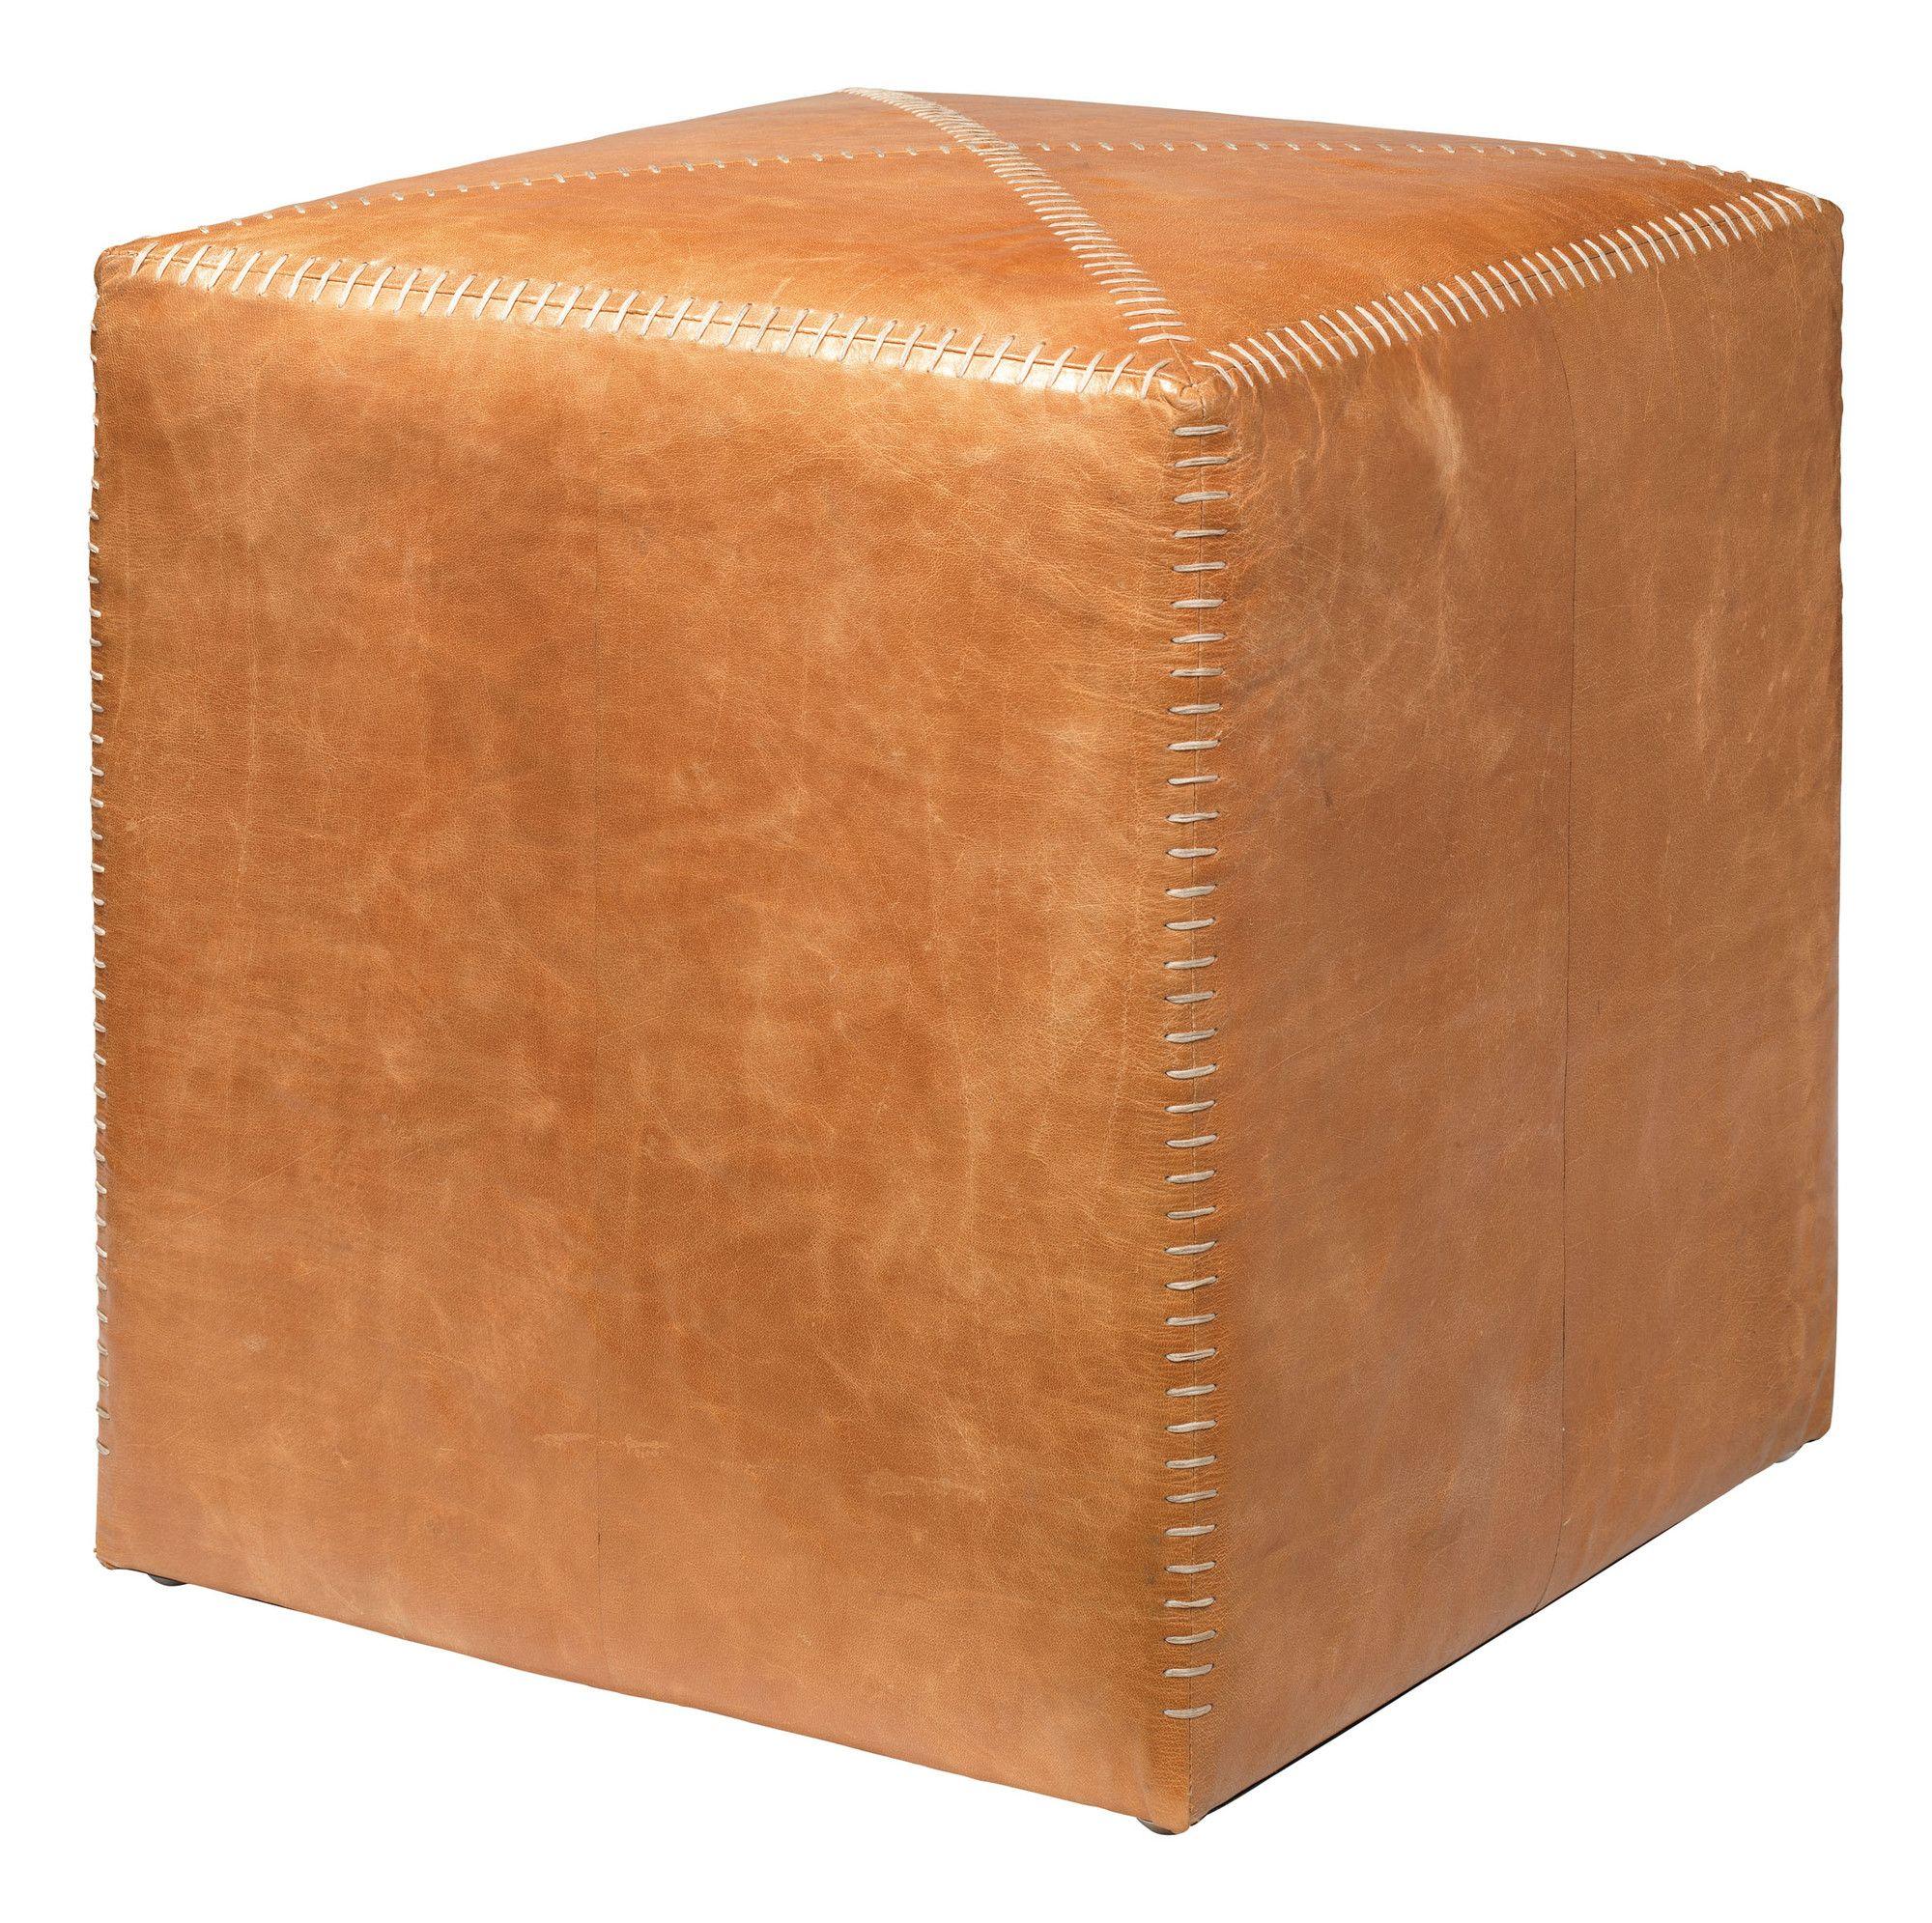 Buff leather cube ottoman wayfair